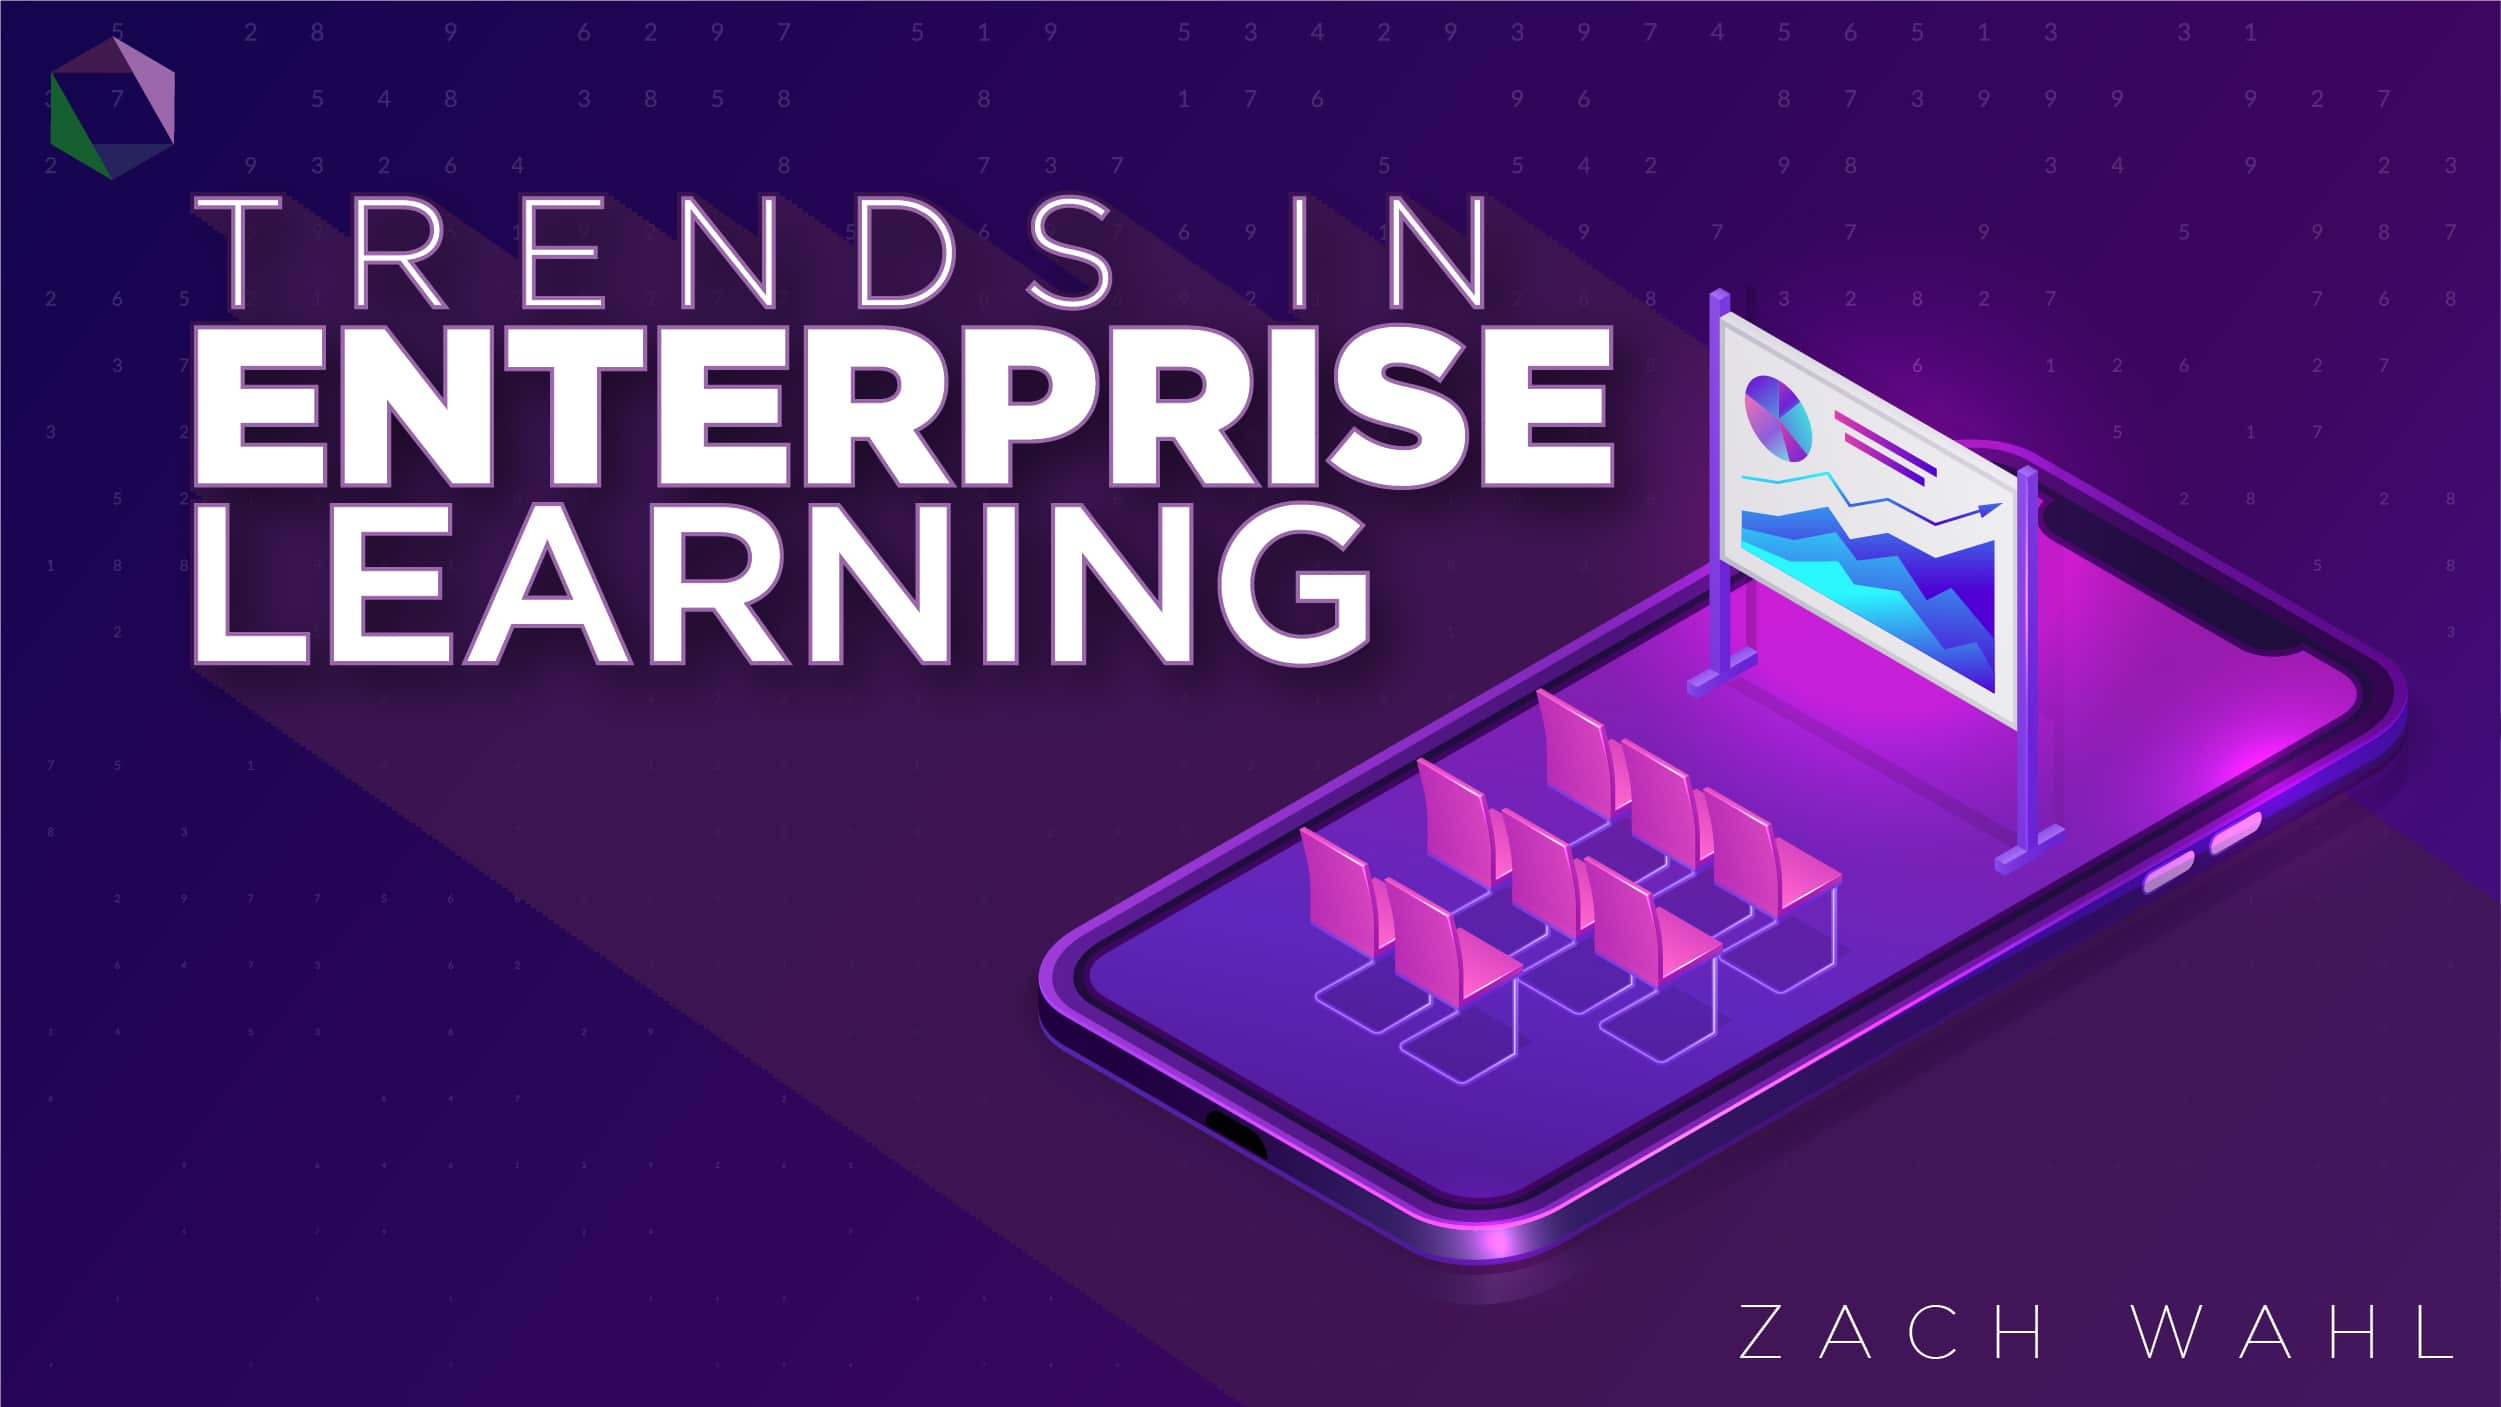 trends in enterprise learning